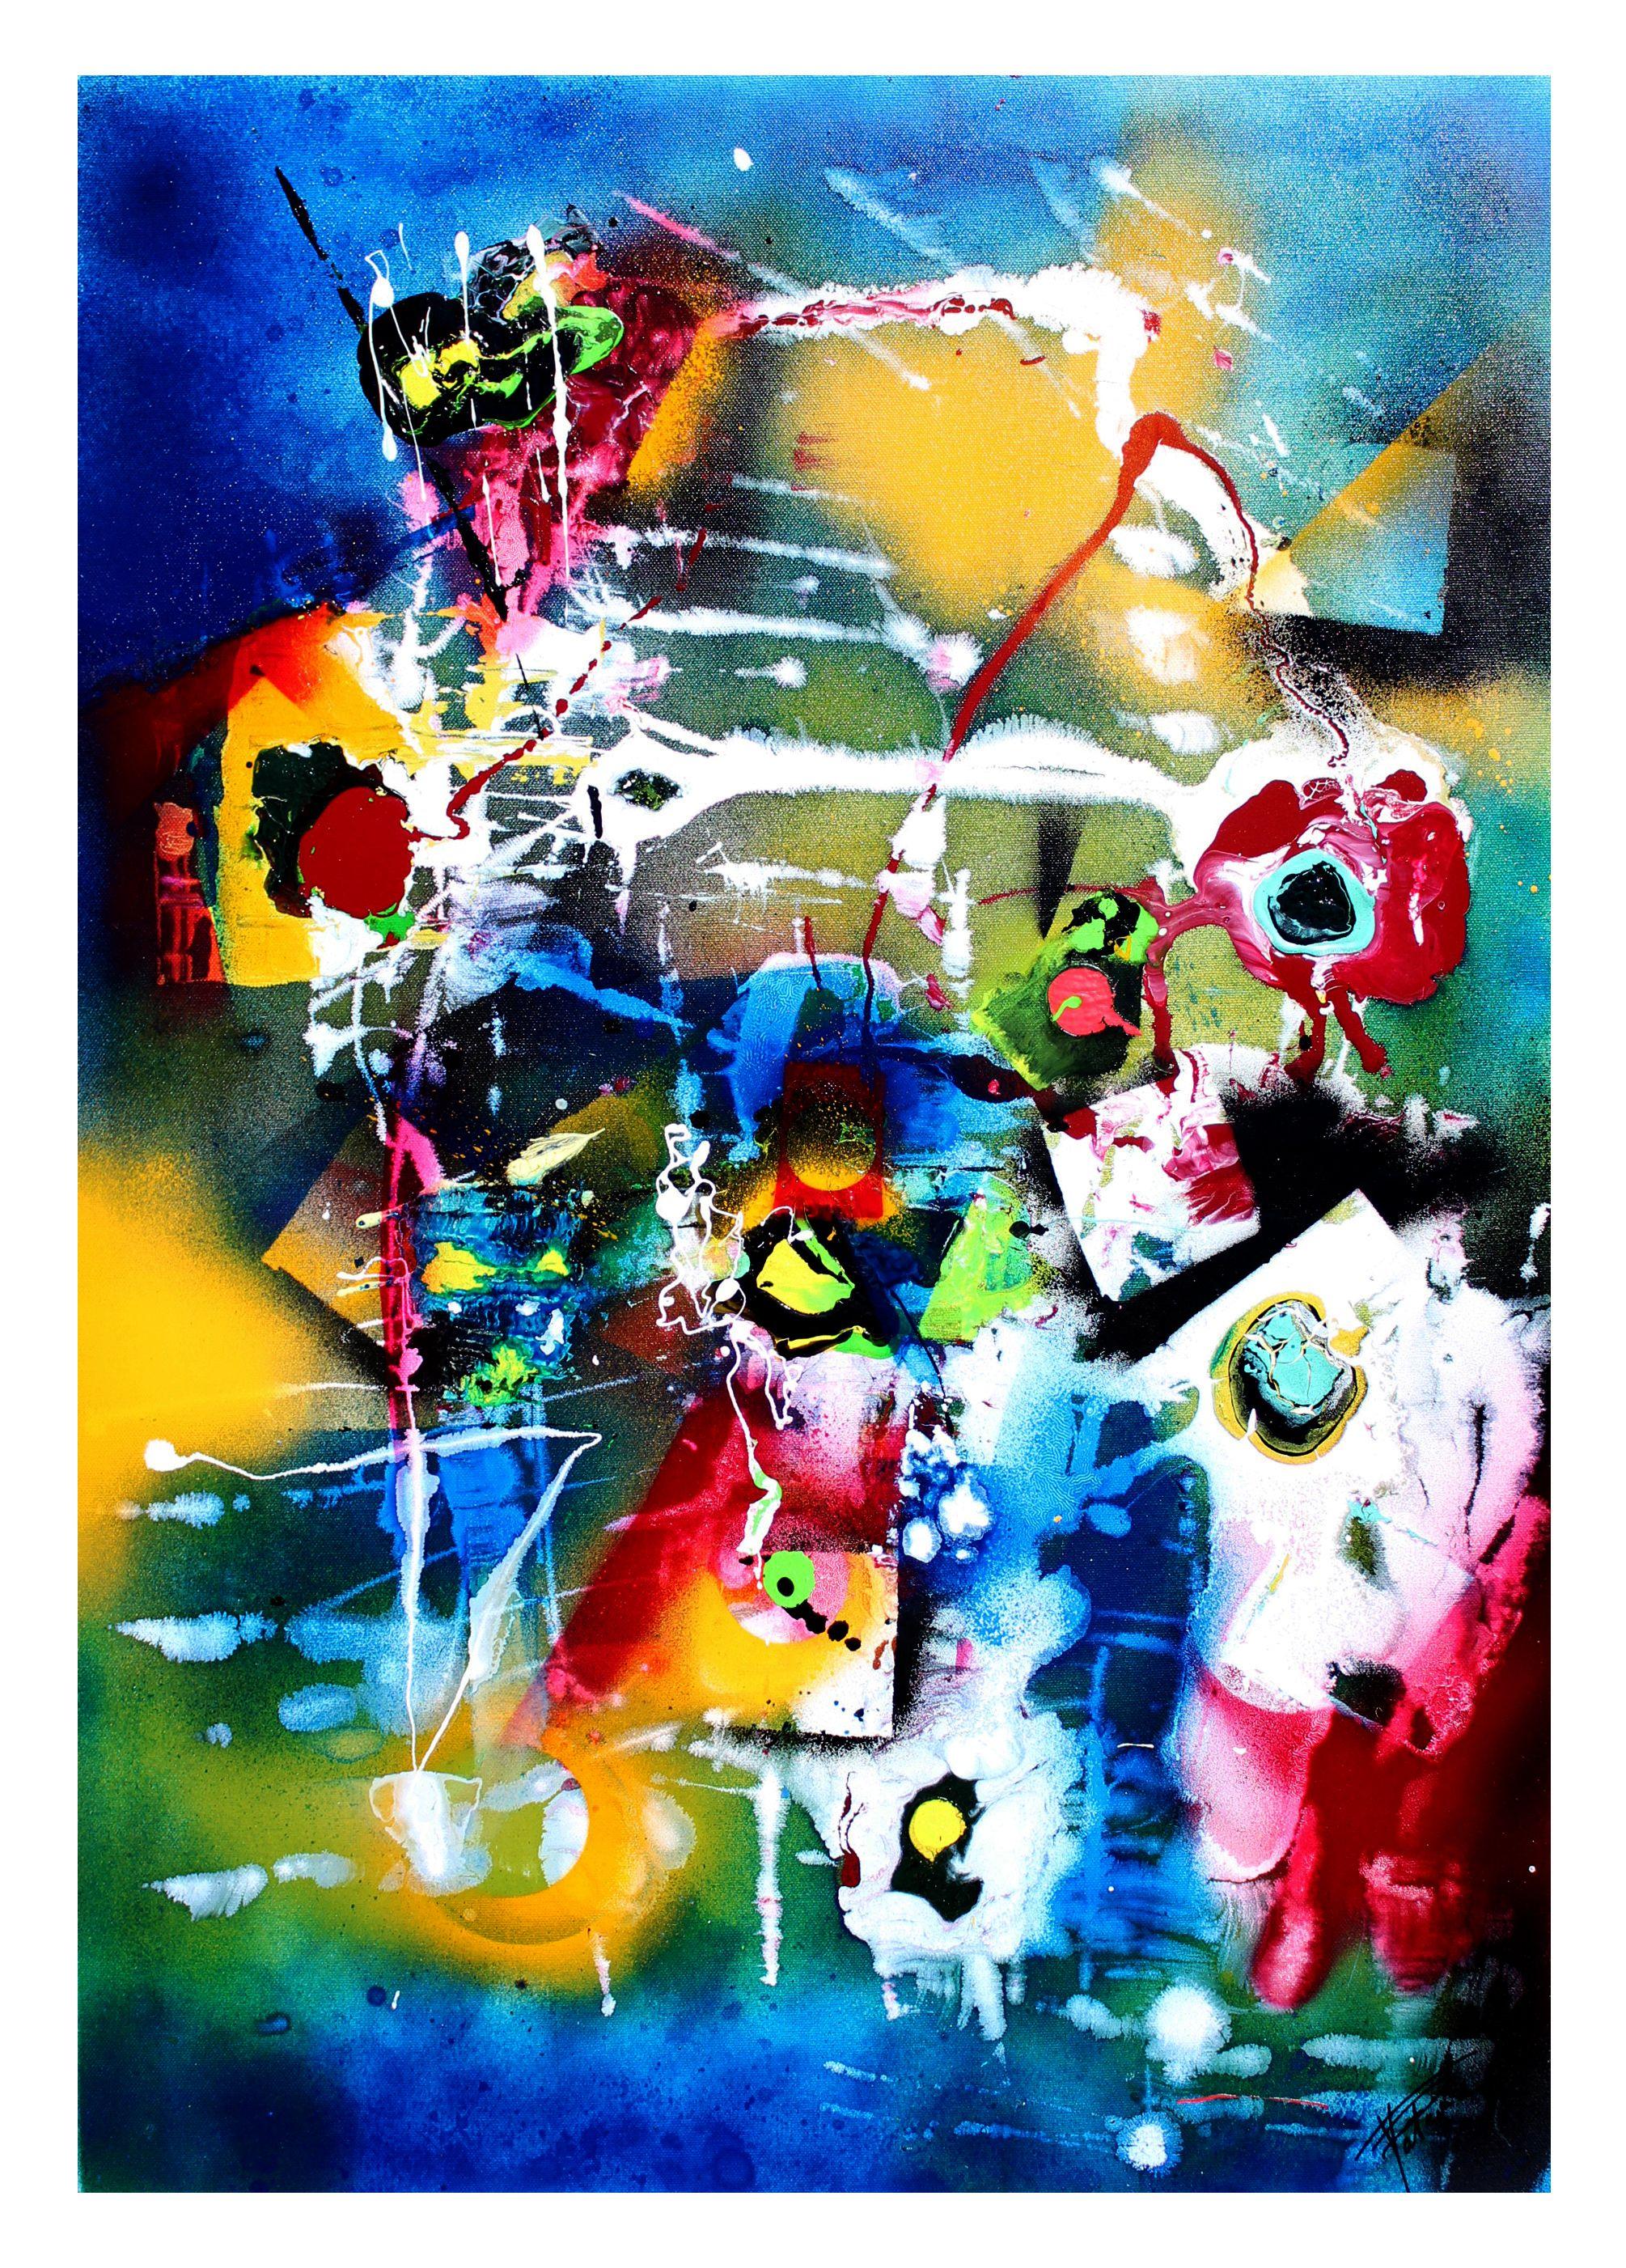 Peinture, Art Abstrait, Technique Bombe, Acrylique, Glycero